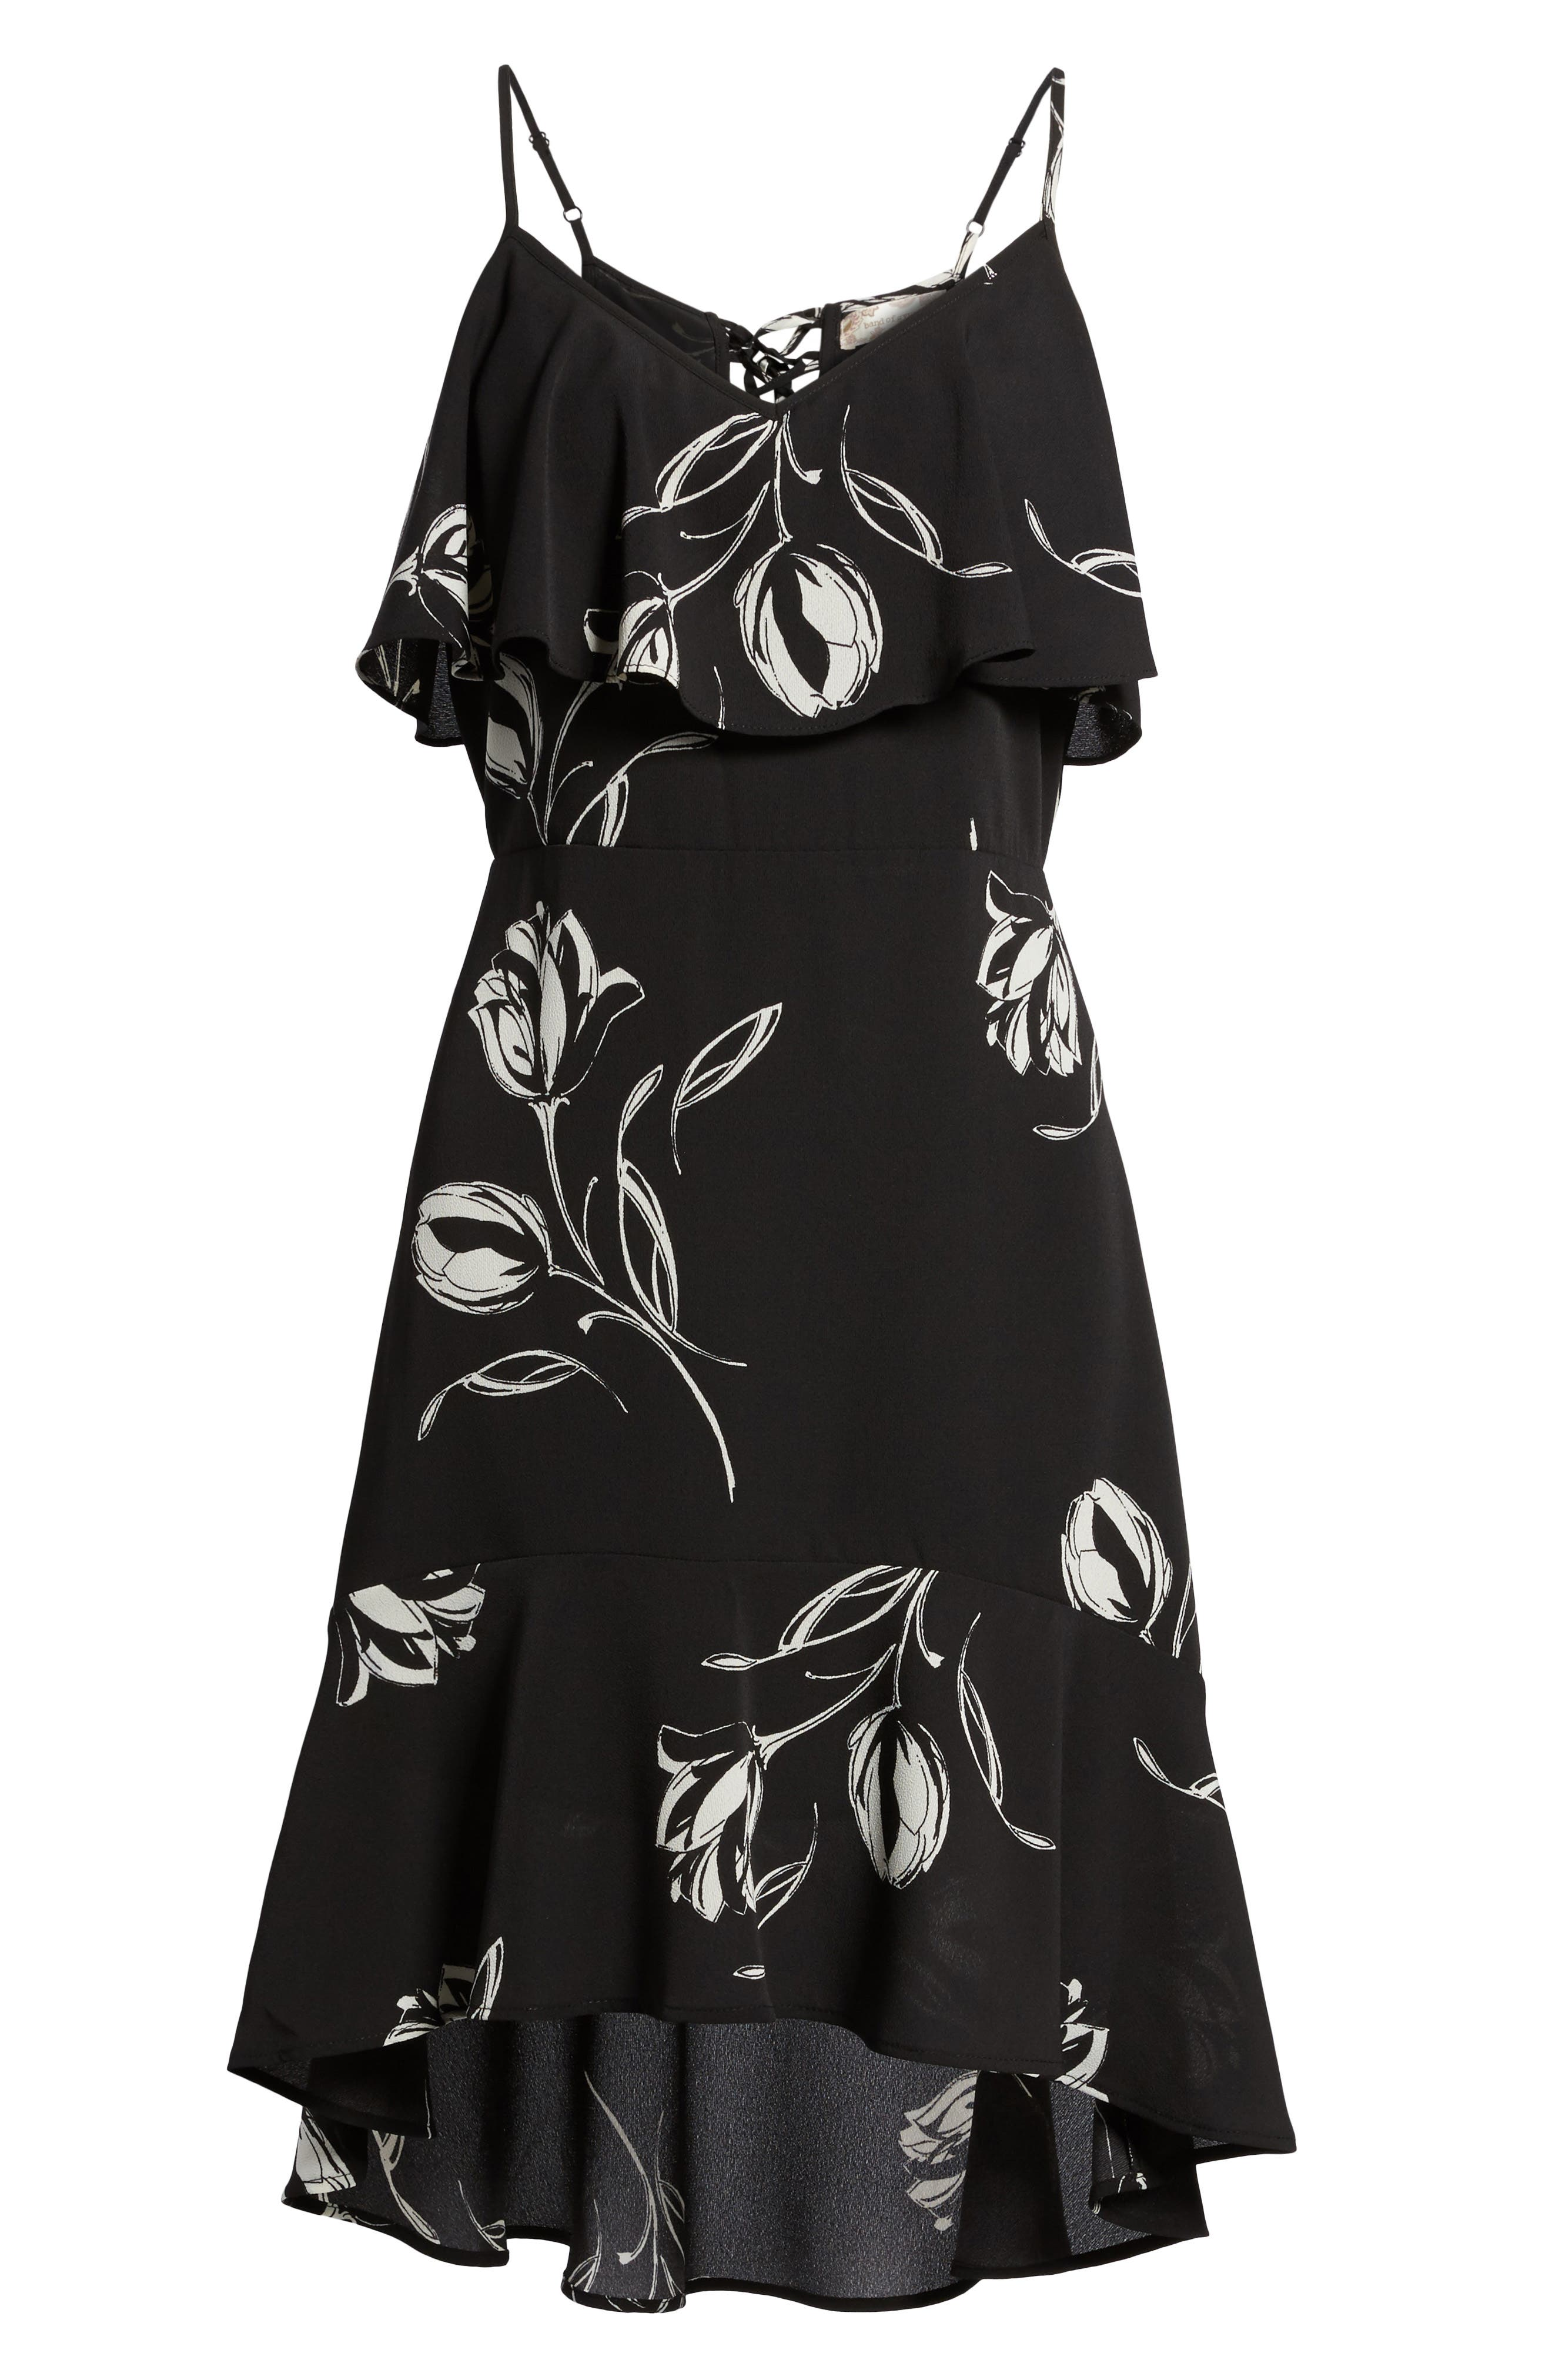 Ruffle Trim Tulip Print Dress,                             Alternate thumbnail 6, color,                             Black/ Ivory